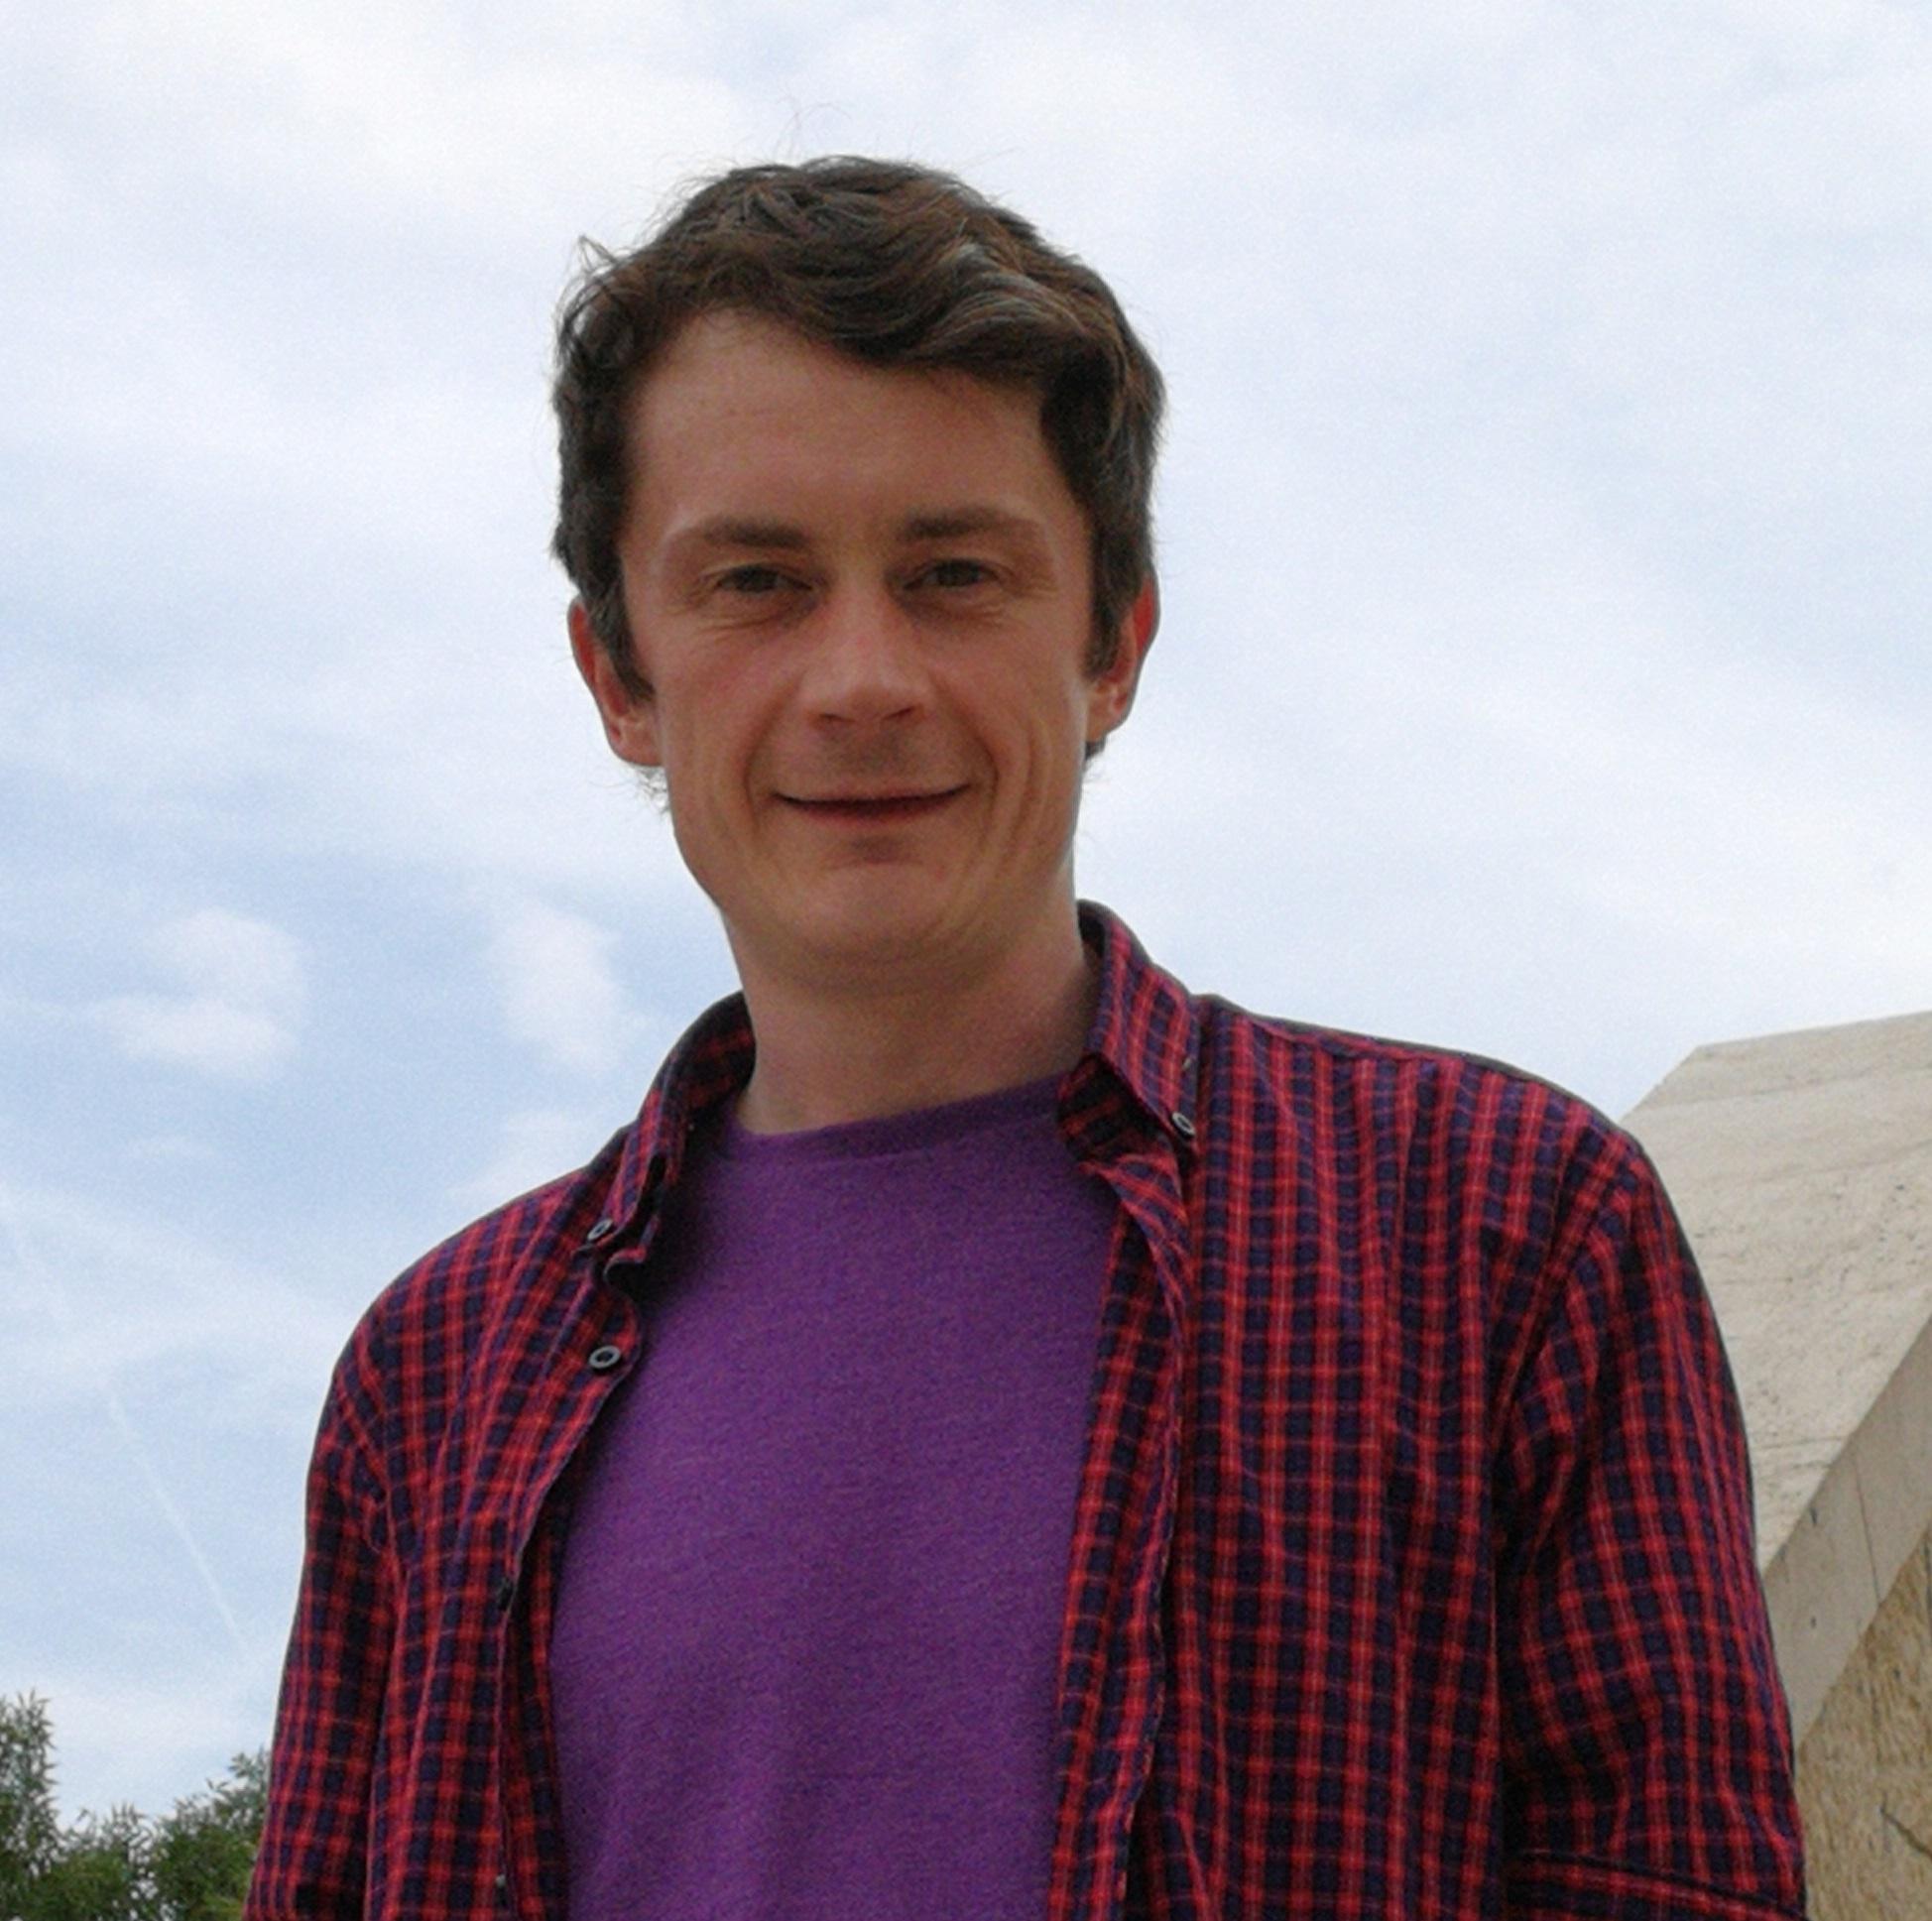 Alec Mackenzie